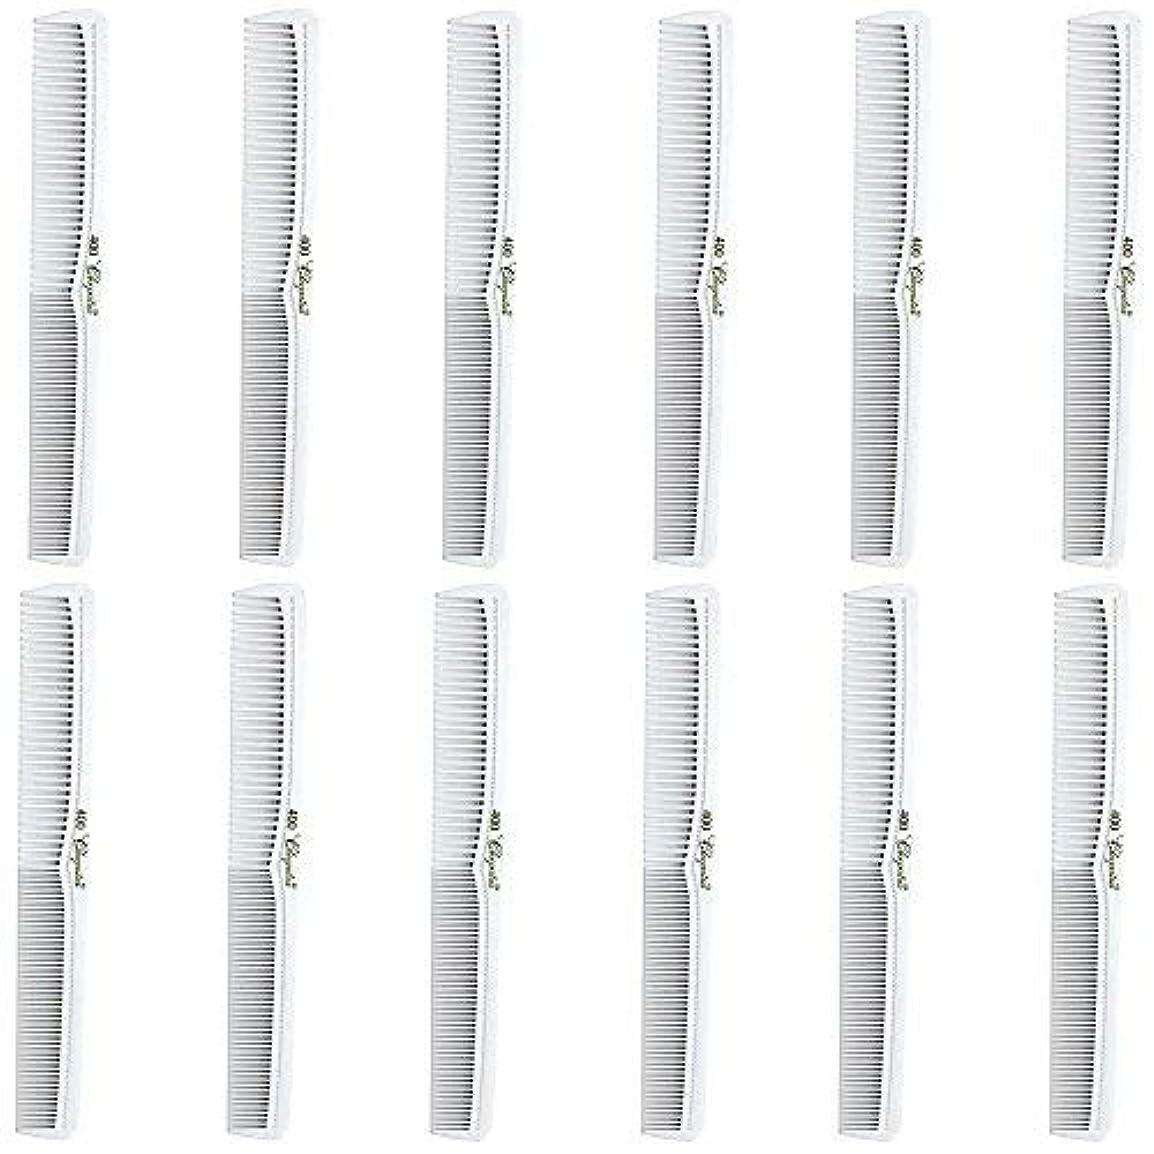 ヒット不利益邪魔するBarber Beauty Hair Cleopatra 400 All Purpose Comb (12 Pack) 12 x SB-C400-WHITE [並行輸入品]